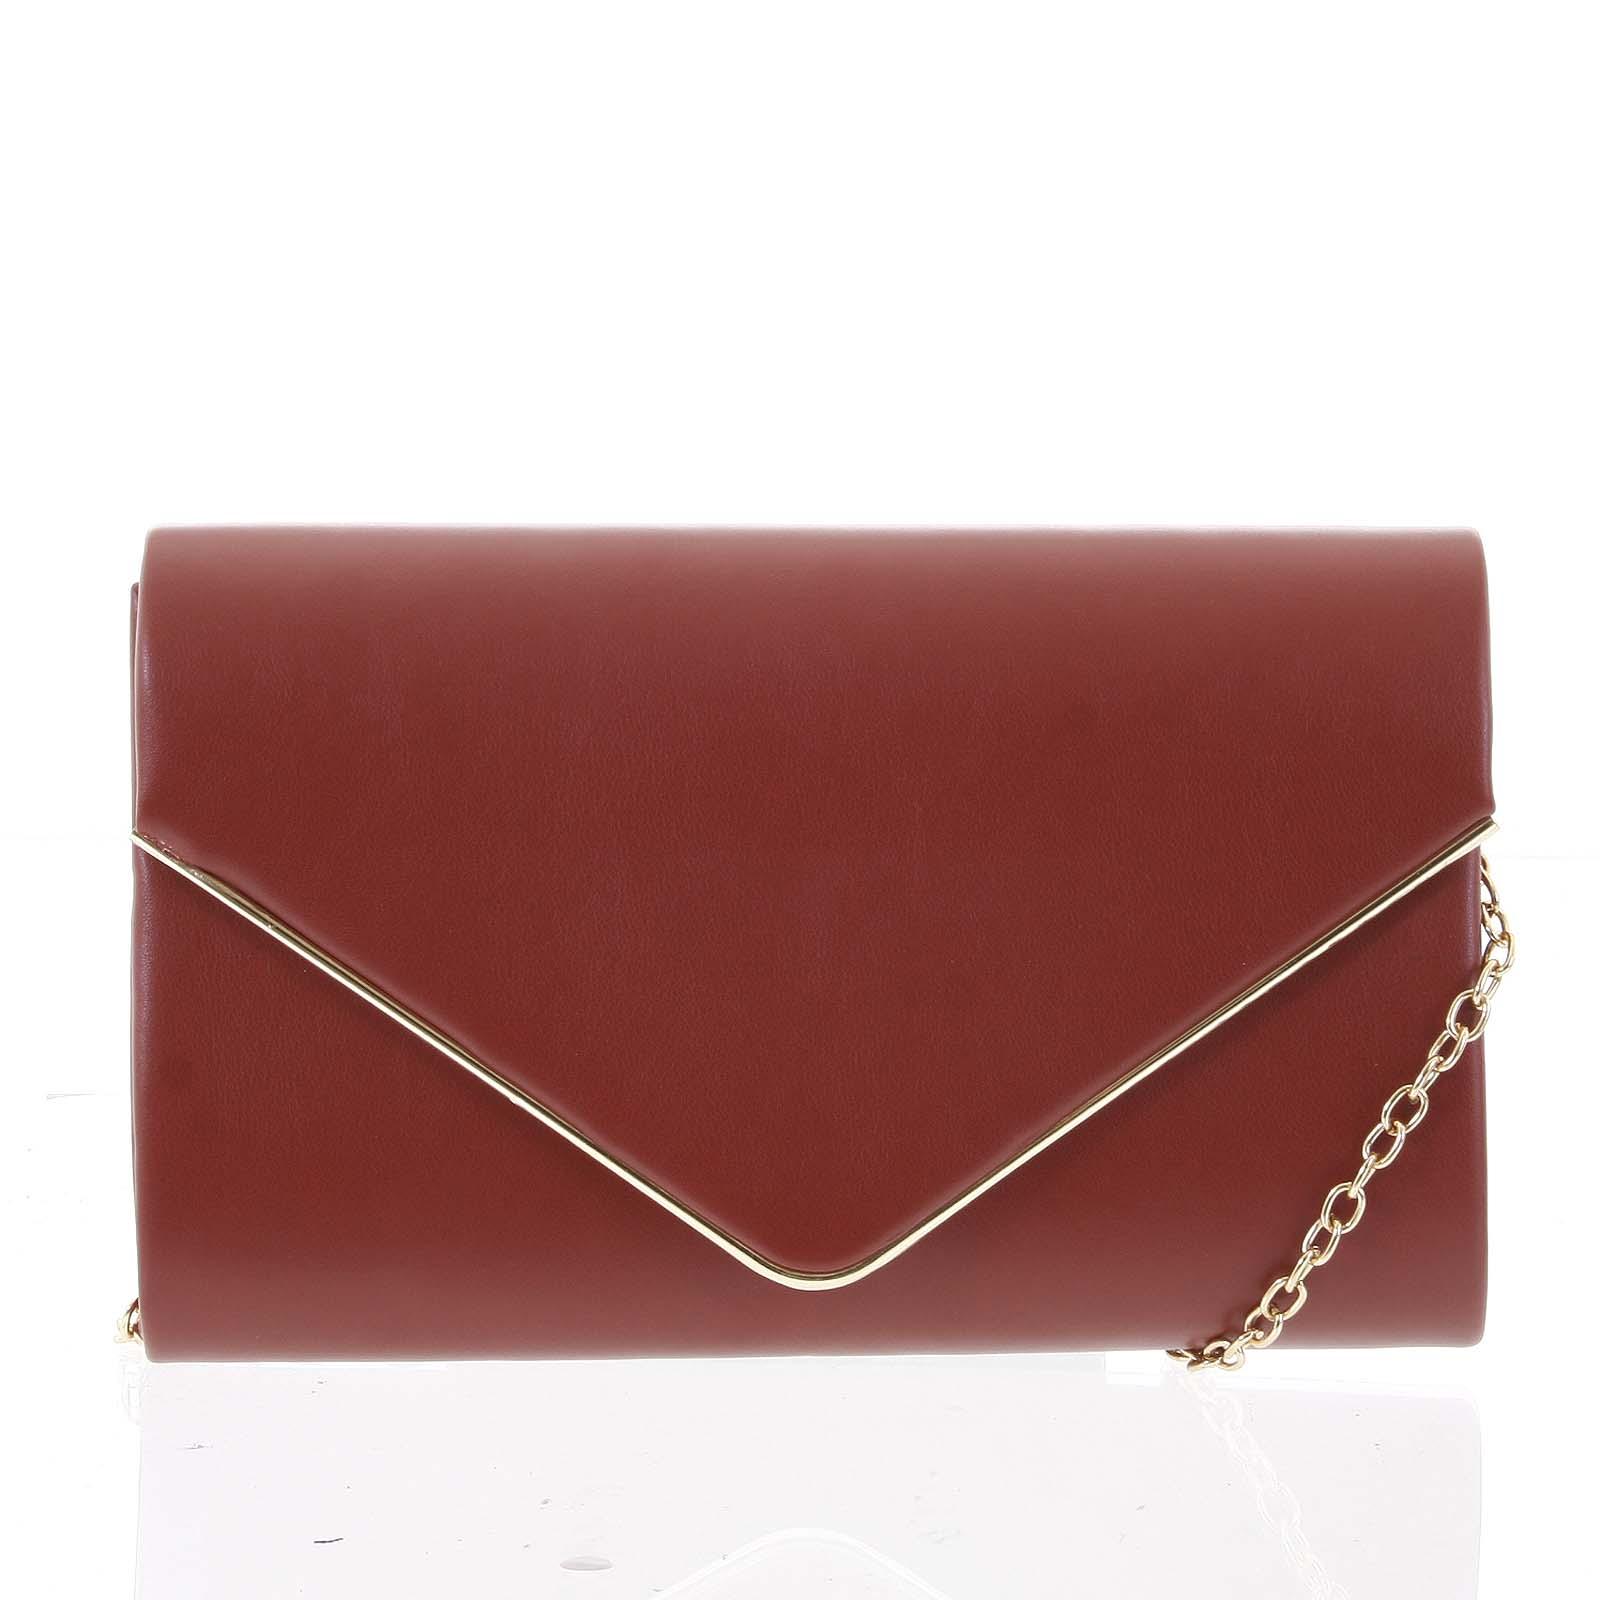 Štýlová tmavočervená hladká listová kabelka - Delami H456